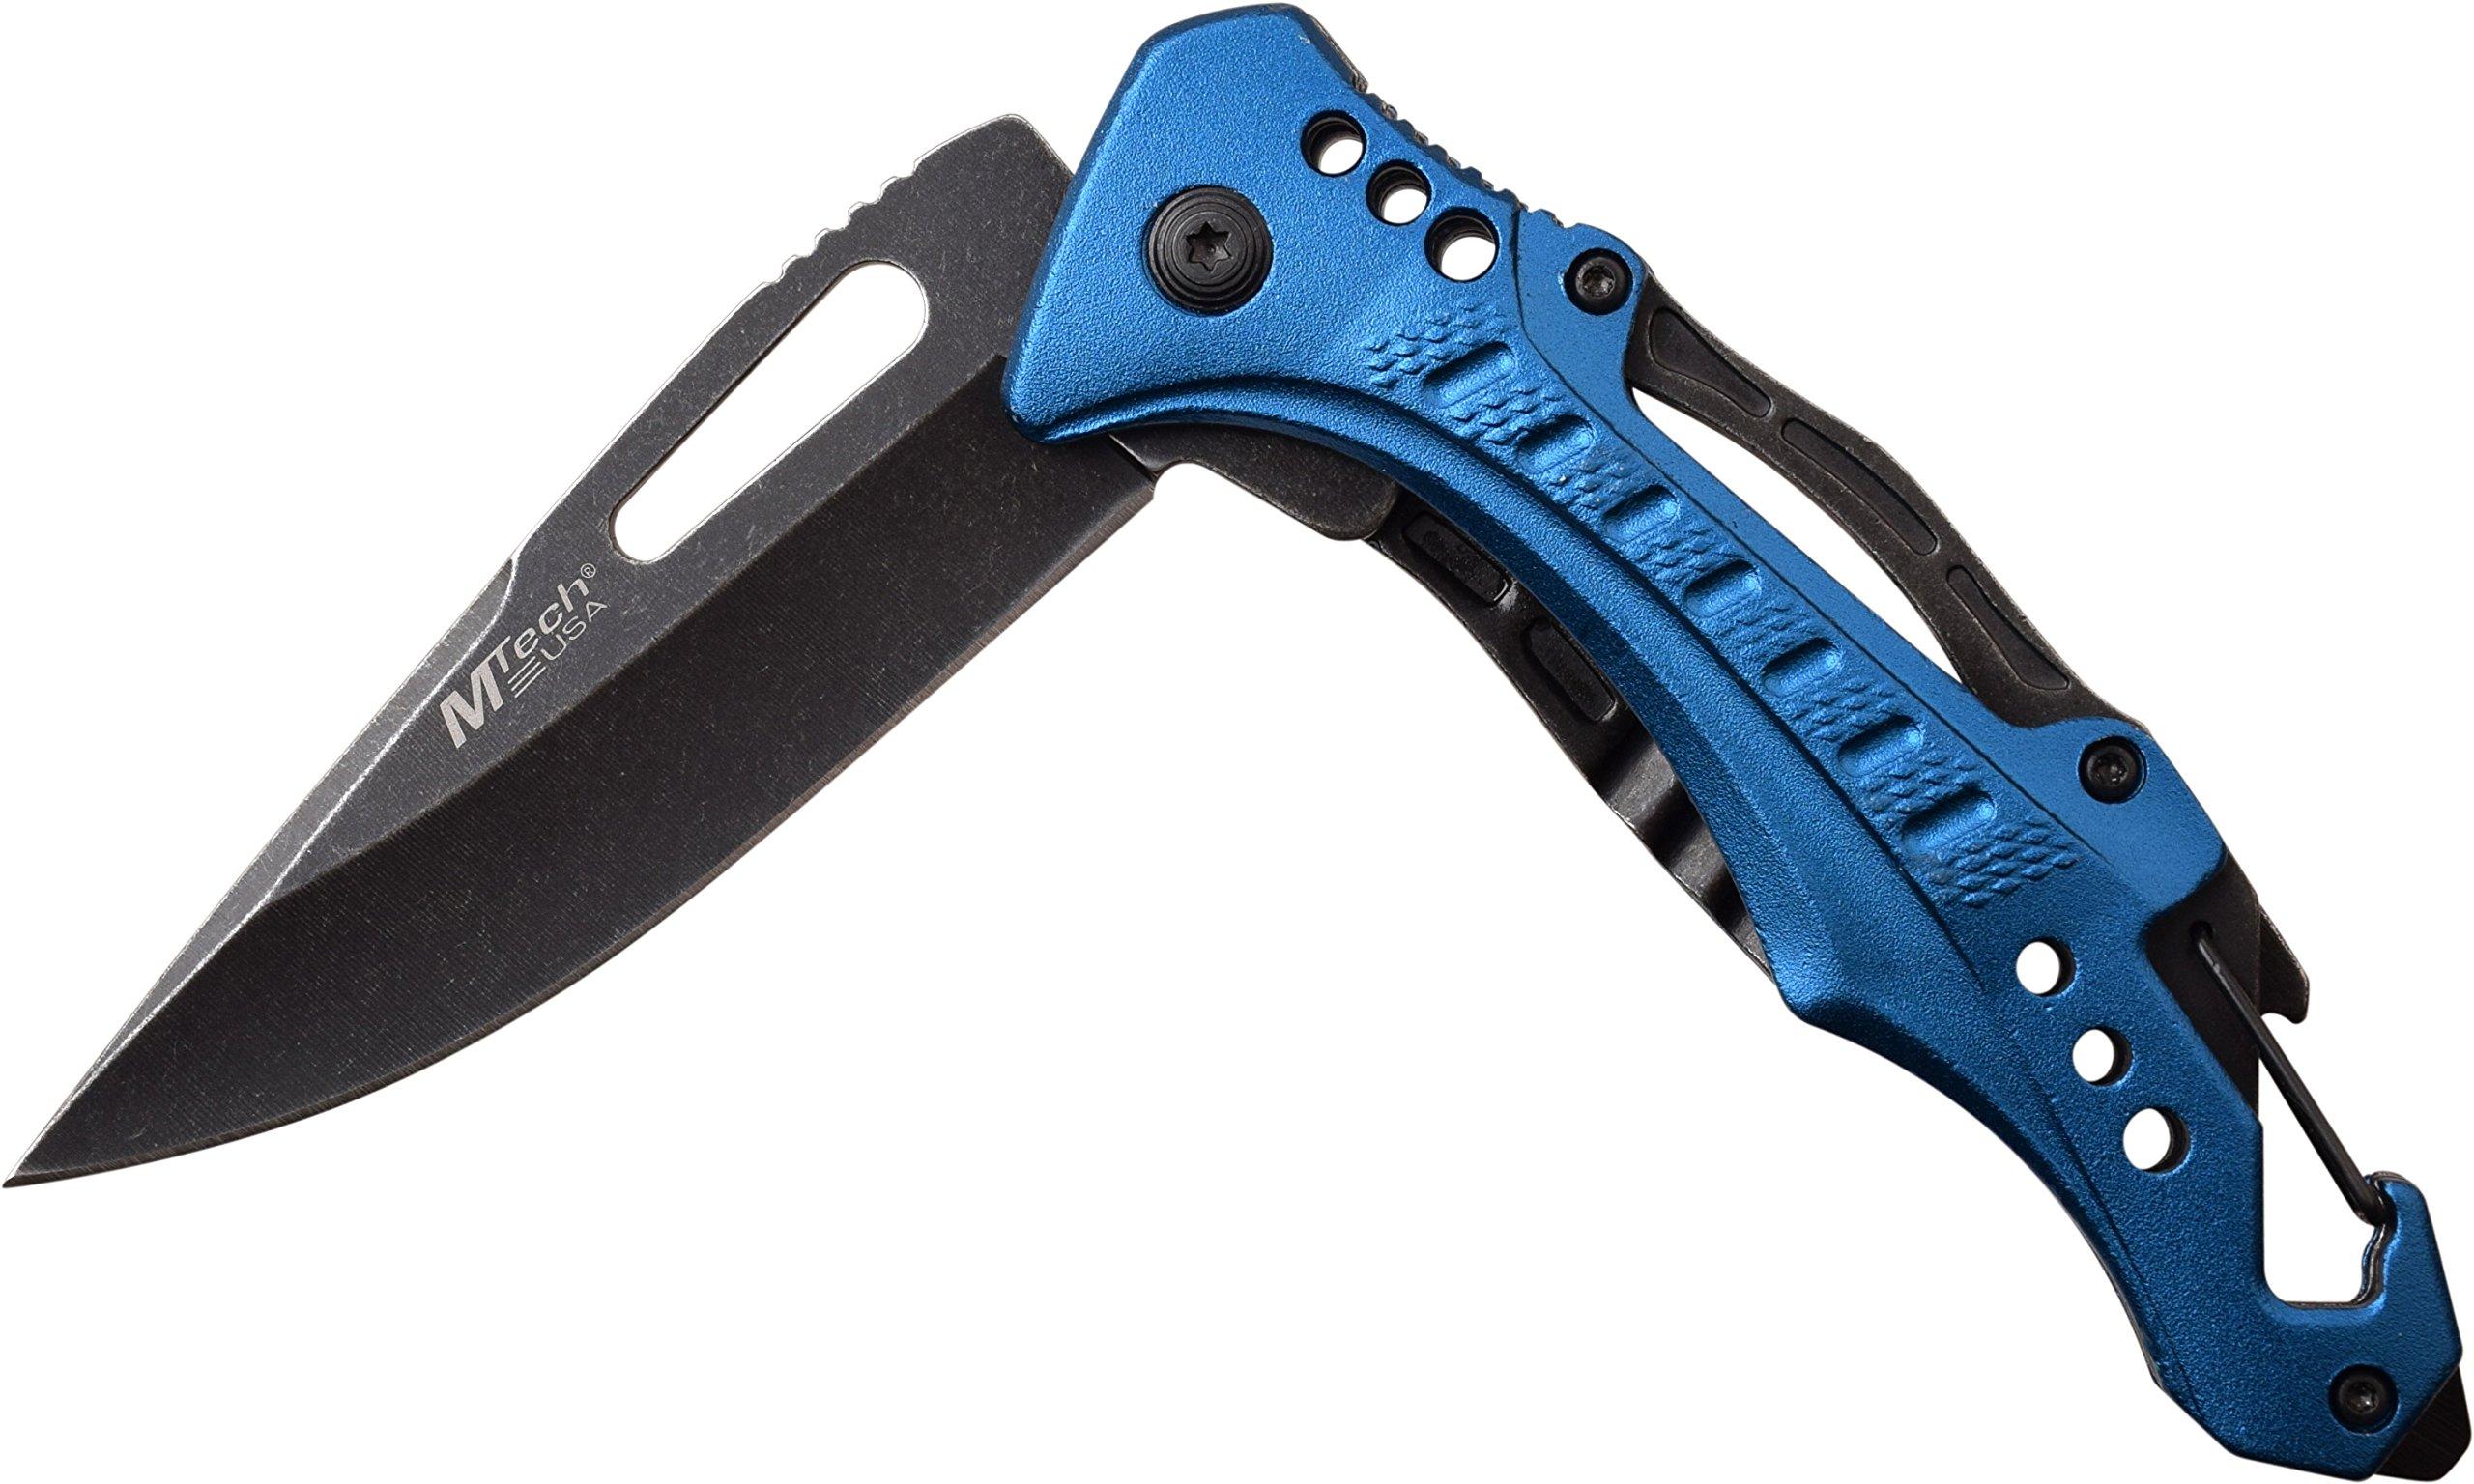 MTECH USA Ballistic MT-A705G2-BL Spring Assist Folding Knife,